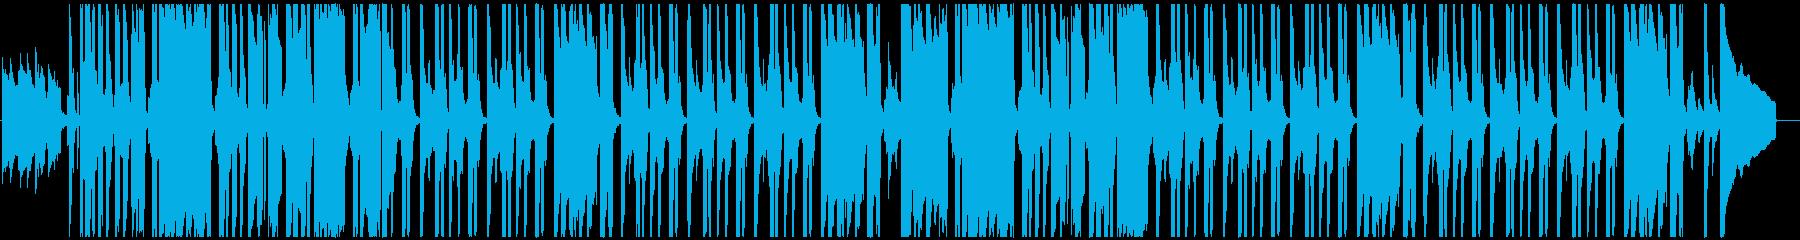 浮遊感のある Lo-Fi / Chillの再生済みの波形